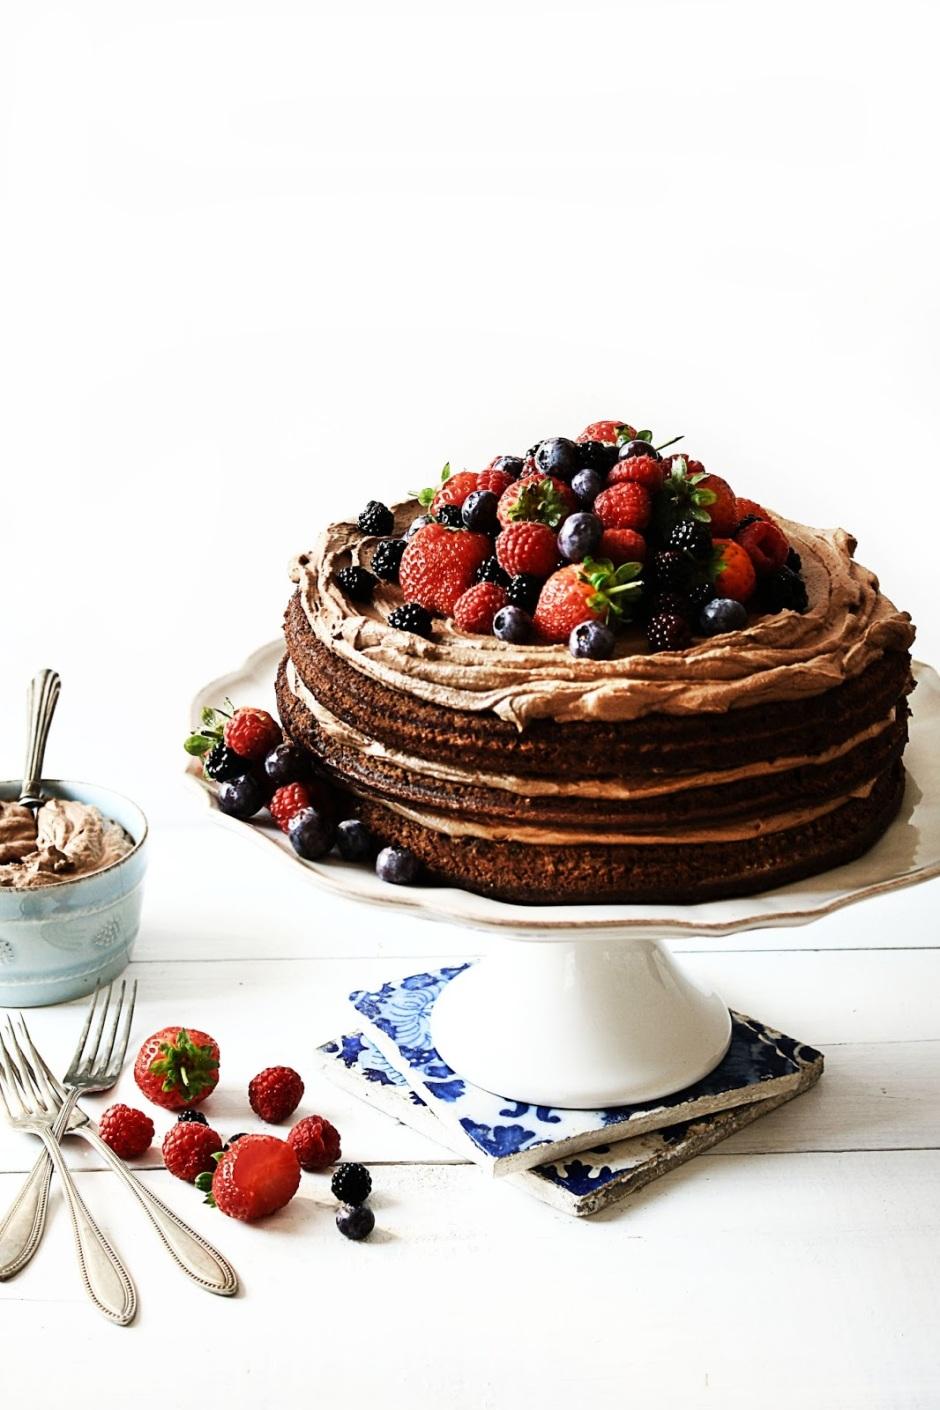 32c85-chocolatecake